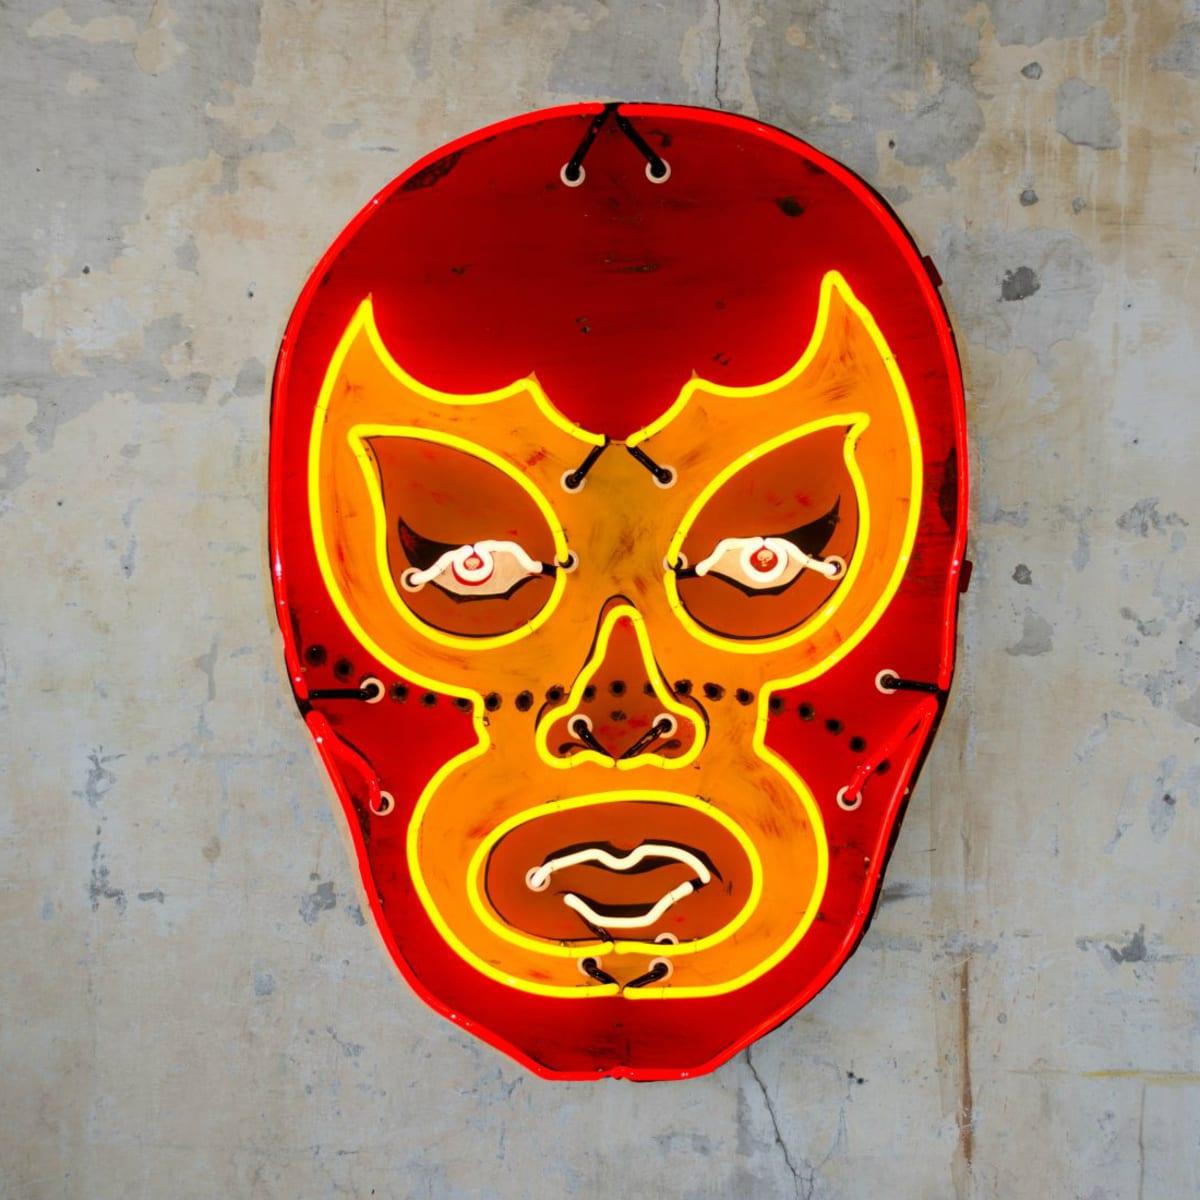 Todd Sanders luchador mask neon light sign Pop Austin International Art Show 2015